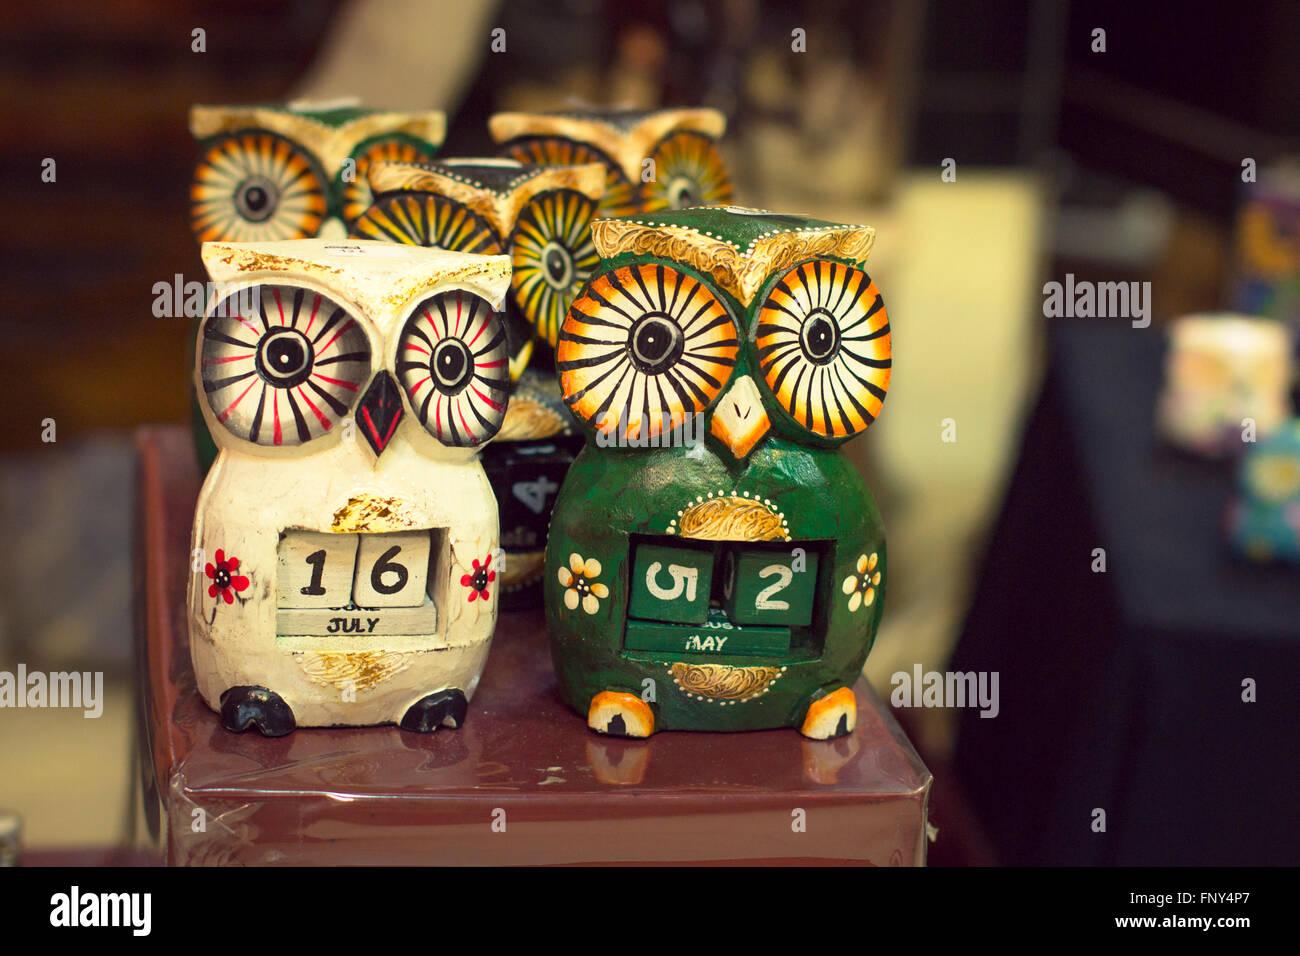 Valencia Calendar.Torrevieja Spain September 6 2014 Souvenir Owl Calendar Tourist